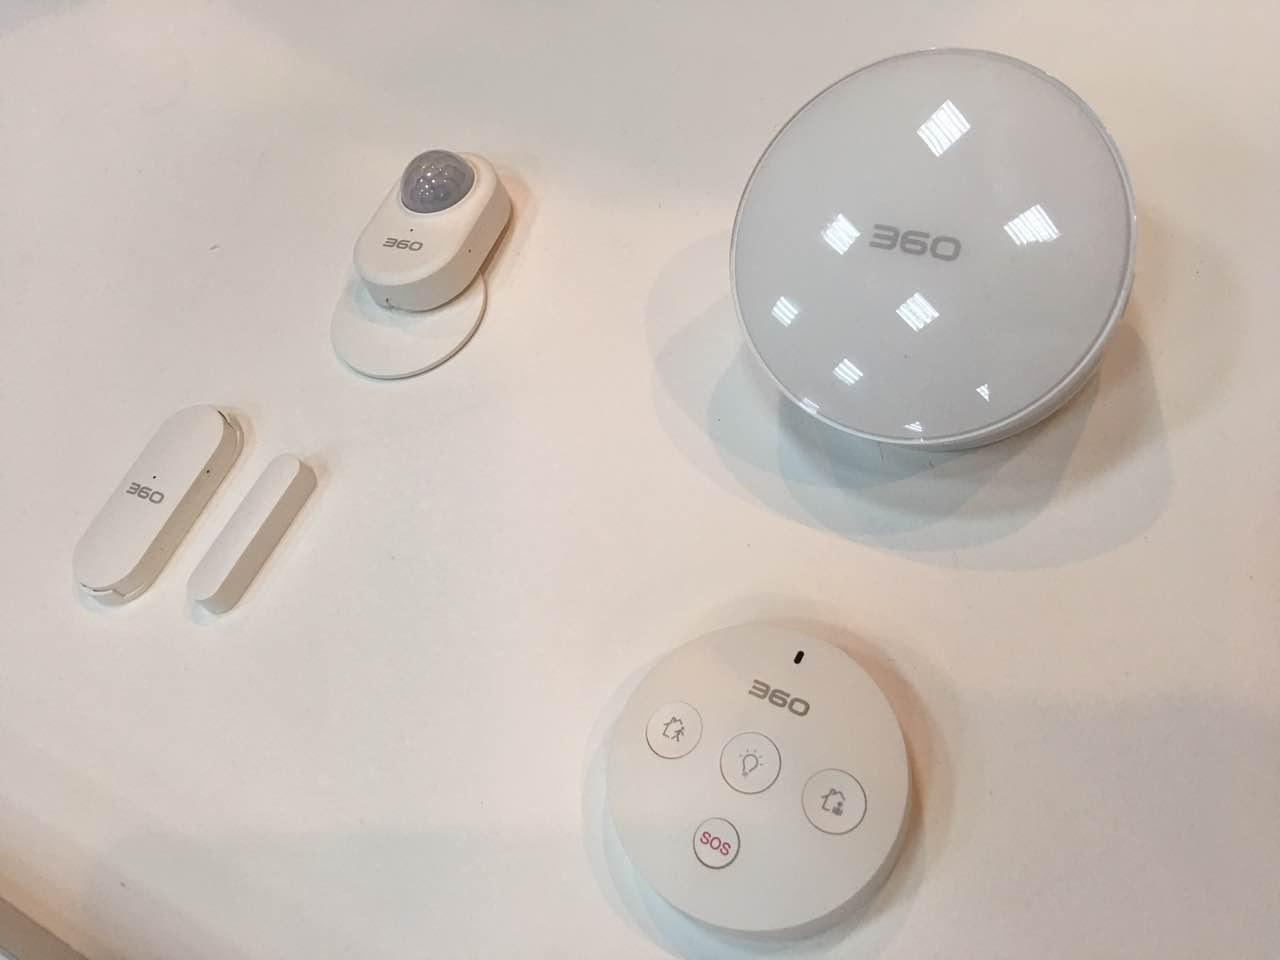 360智能家—360智能家居产品